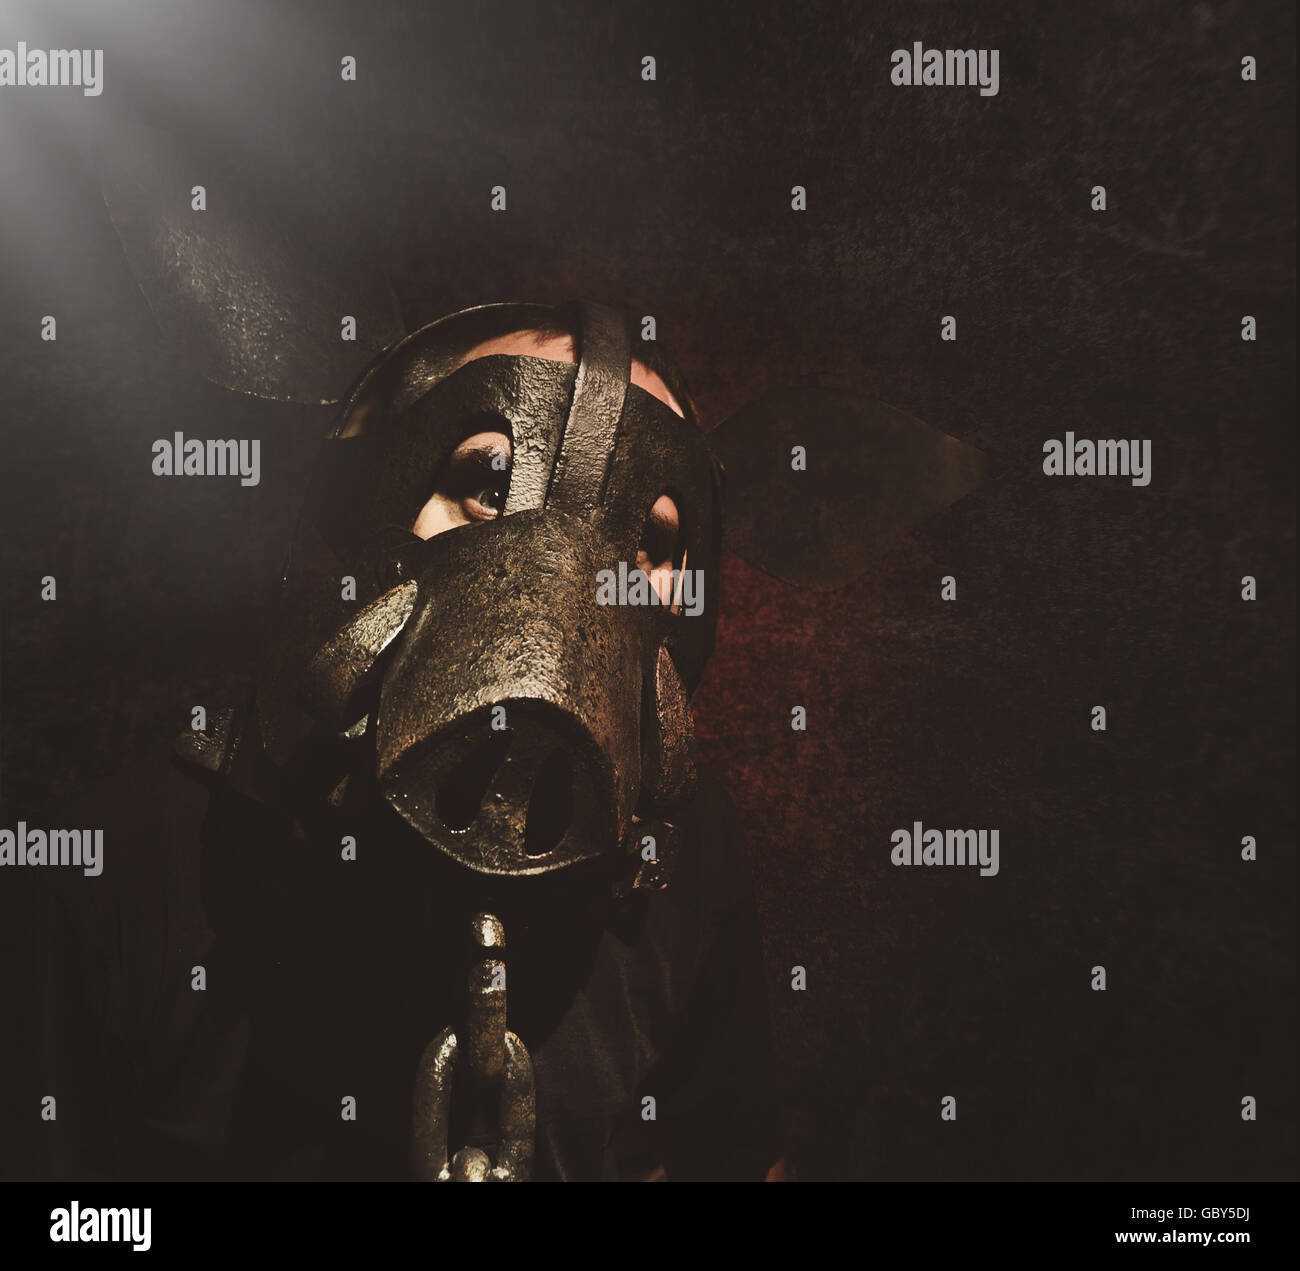 Un loco miedo hombre y lleva una máscara de cerdo de metal con una cadena sobre un fondo negro para un temor Imagen De Stock